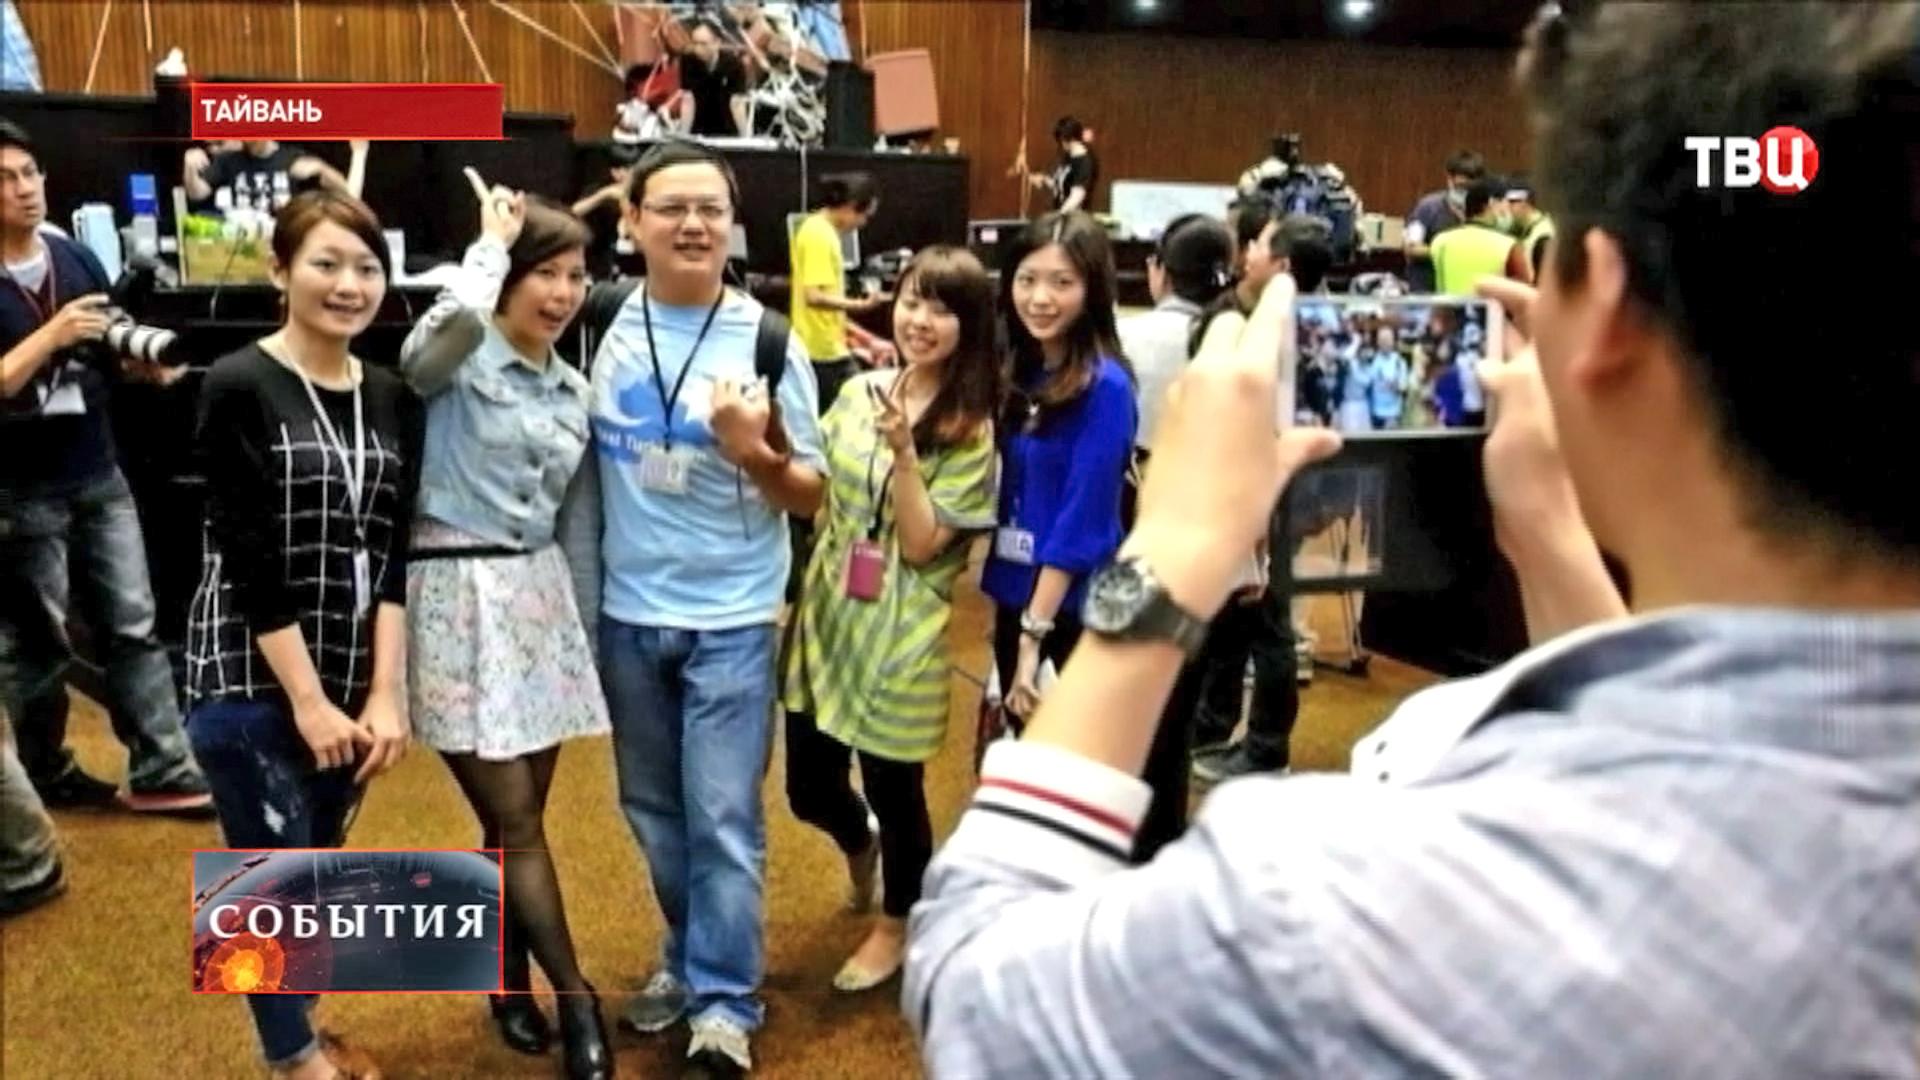 Тайваньские студенты фотографируются в здании парламента